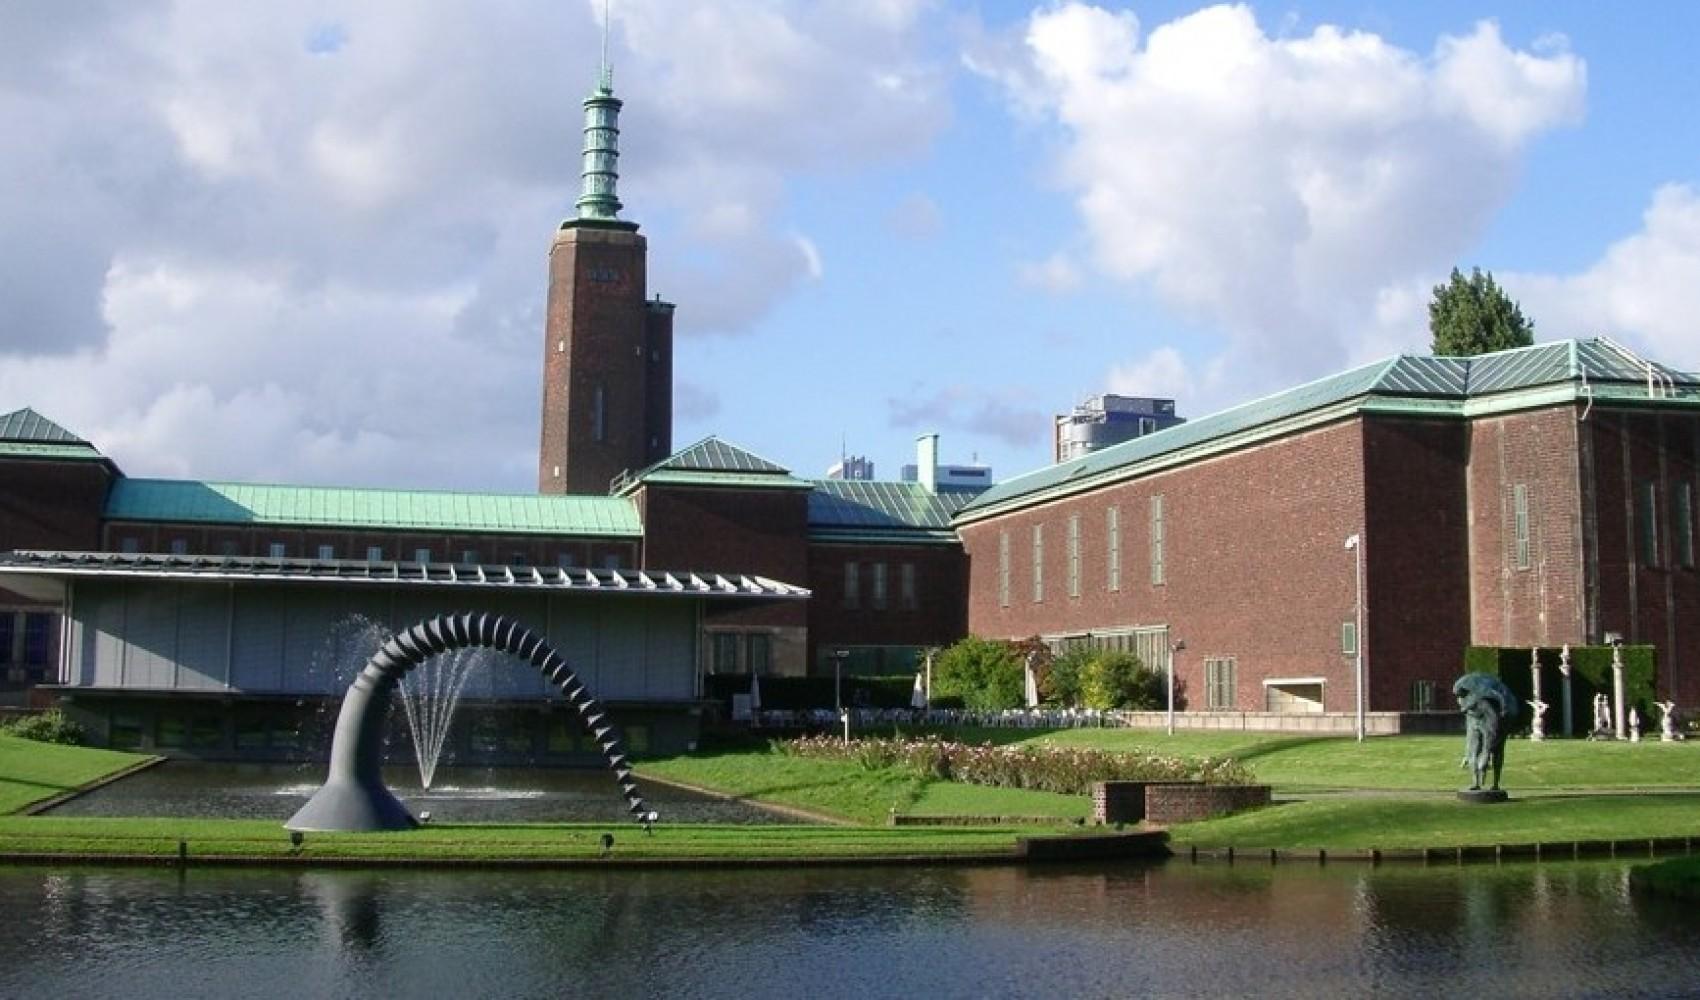 Αποτέλεσμα εικόνας για Boijmans van Beuningen